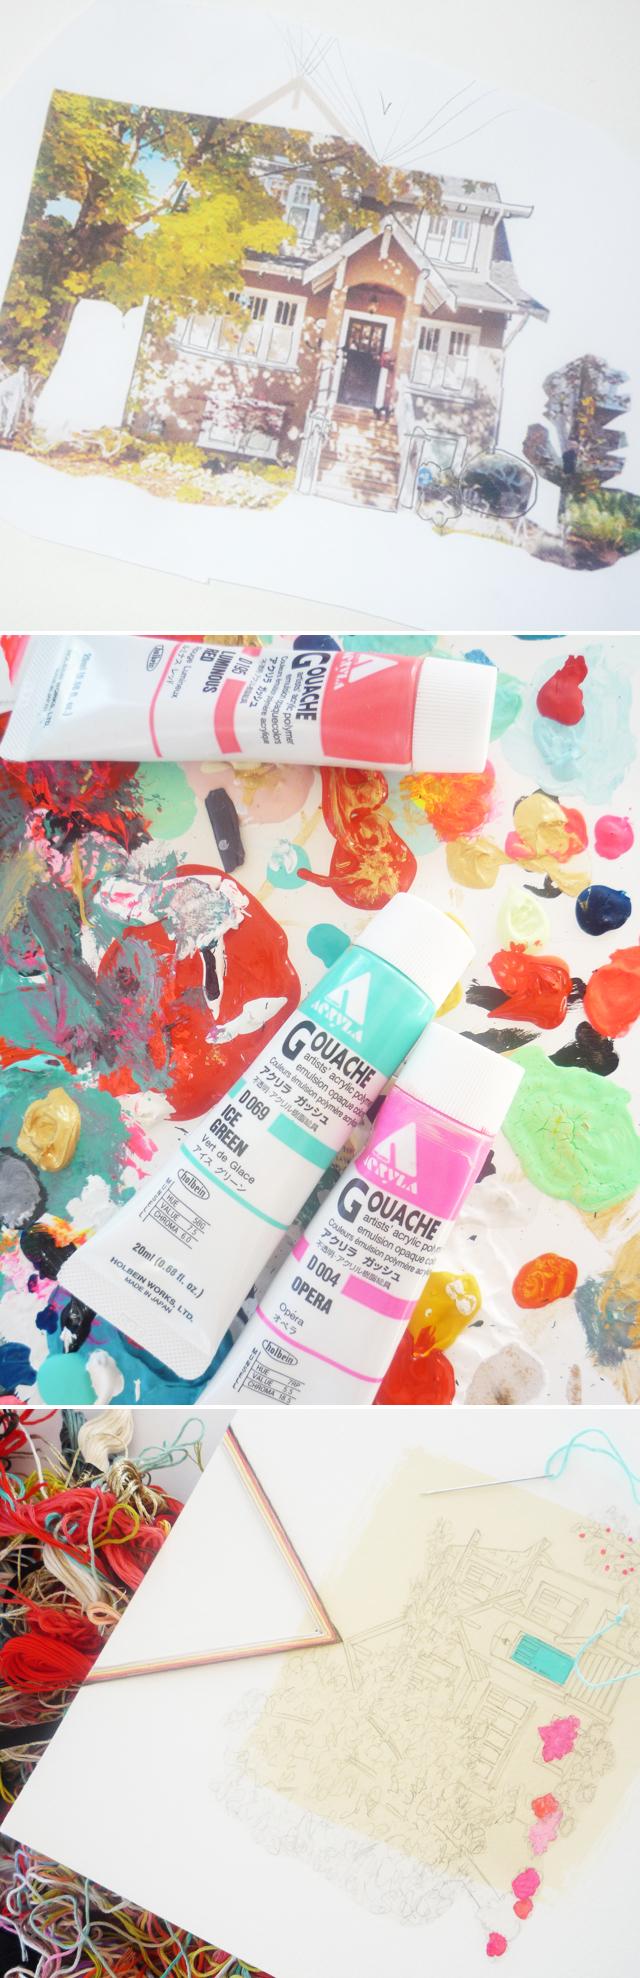 Danielle Krysa creative process creativity art jealous curator